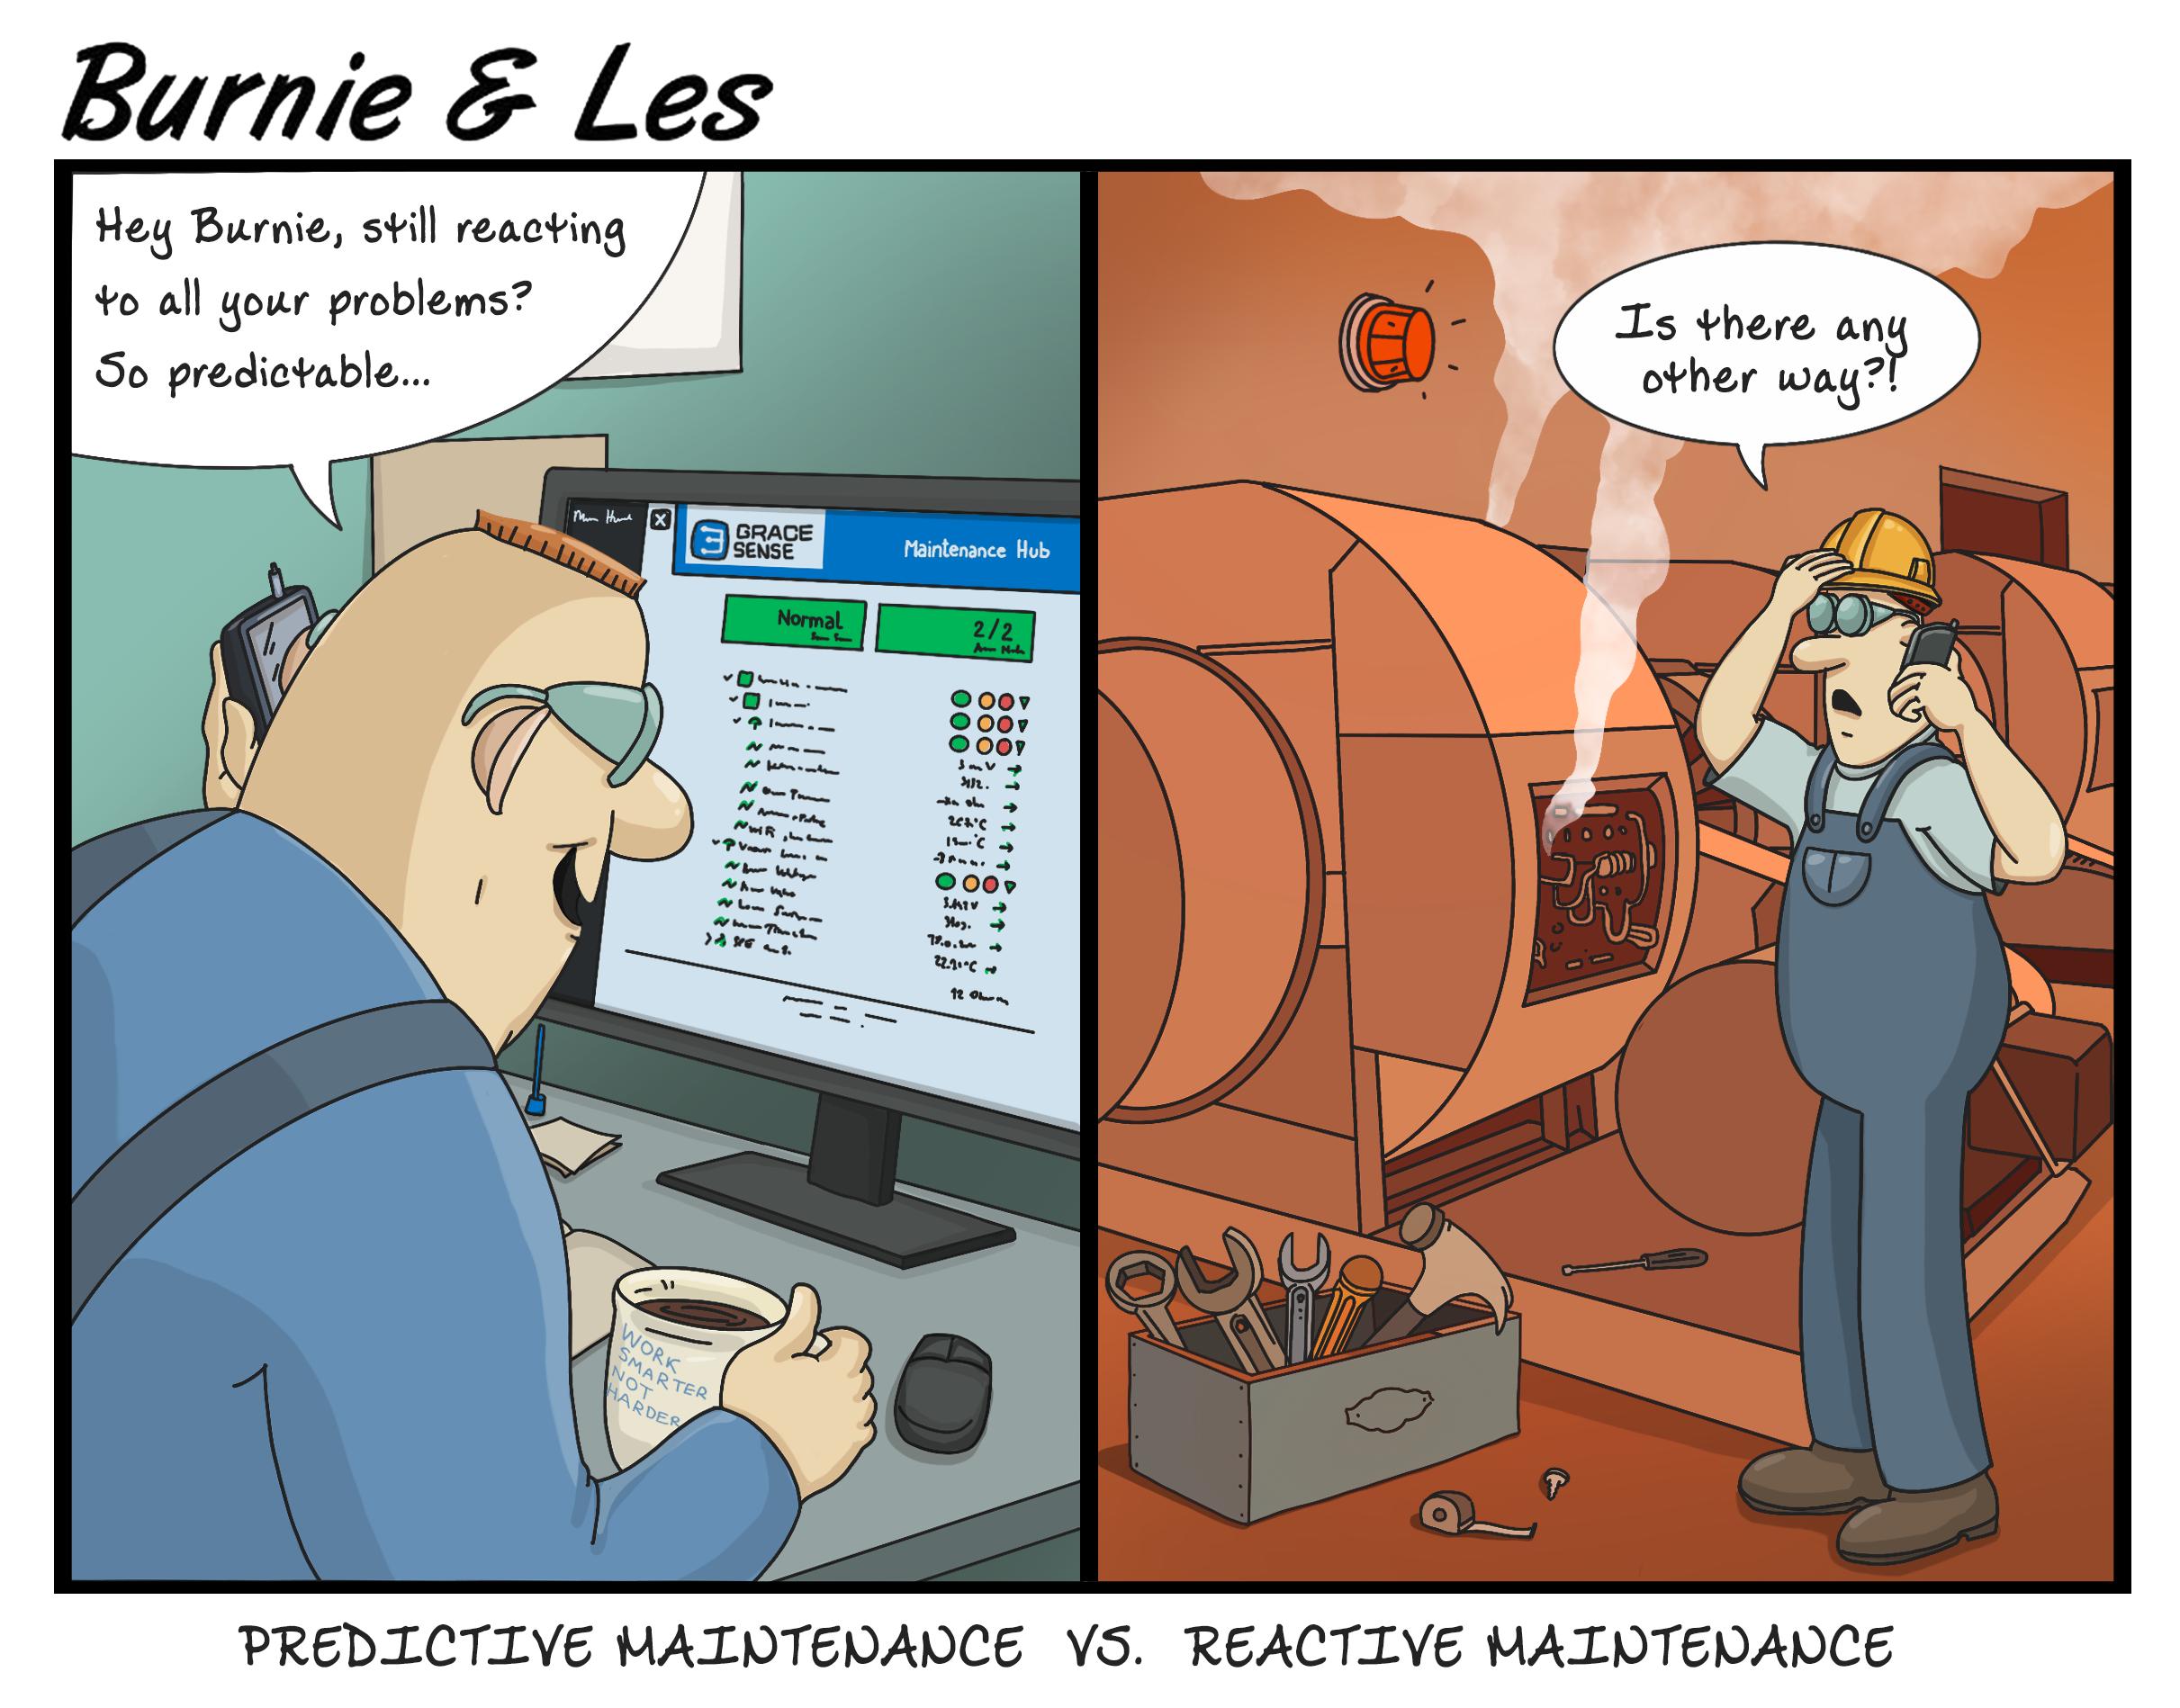 Burnie and Les_Predictive maintenance vs Reactive maintenance